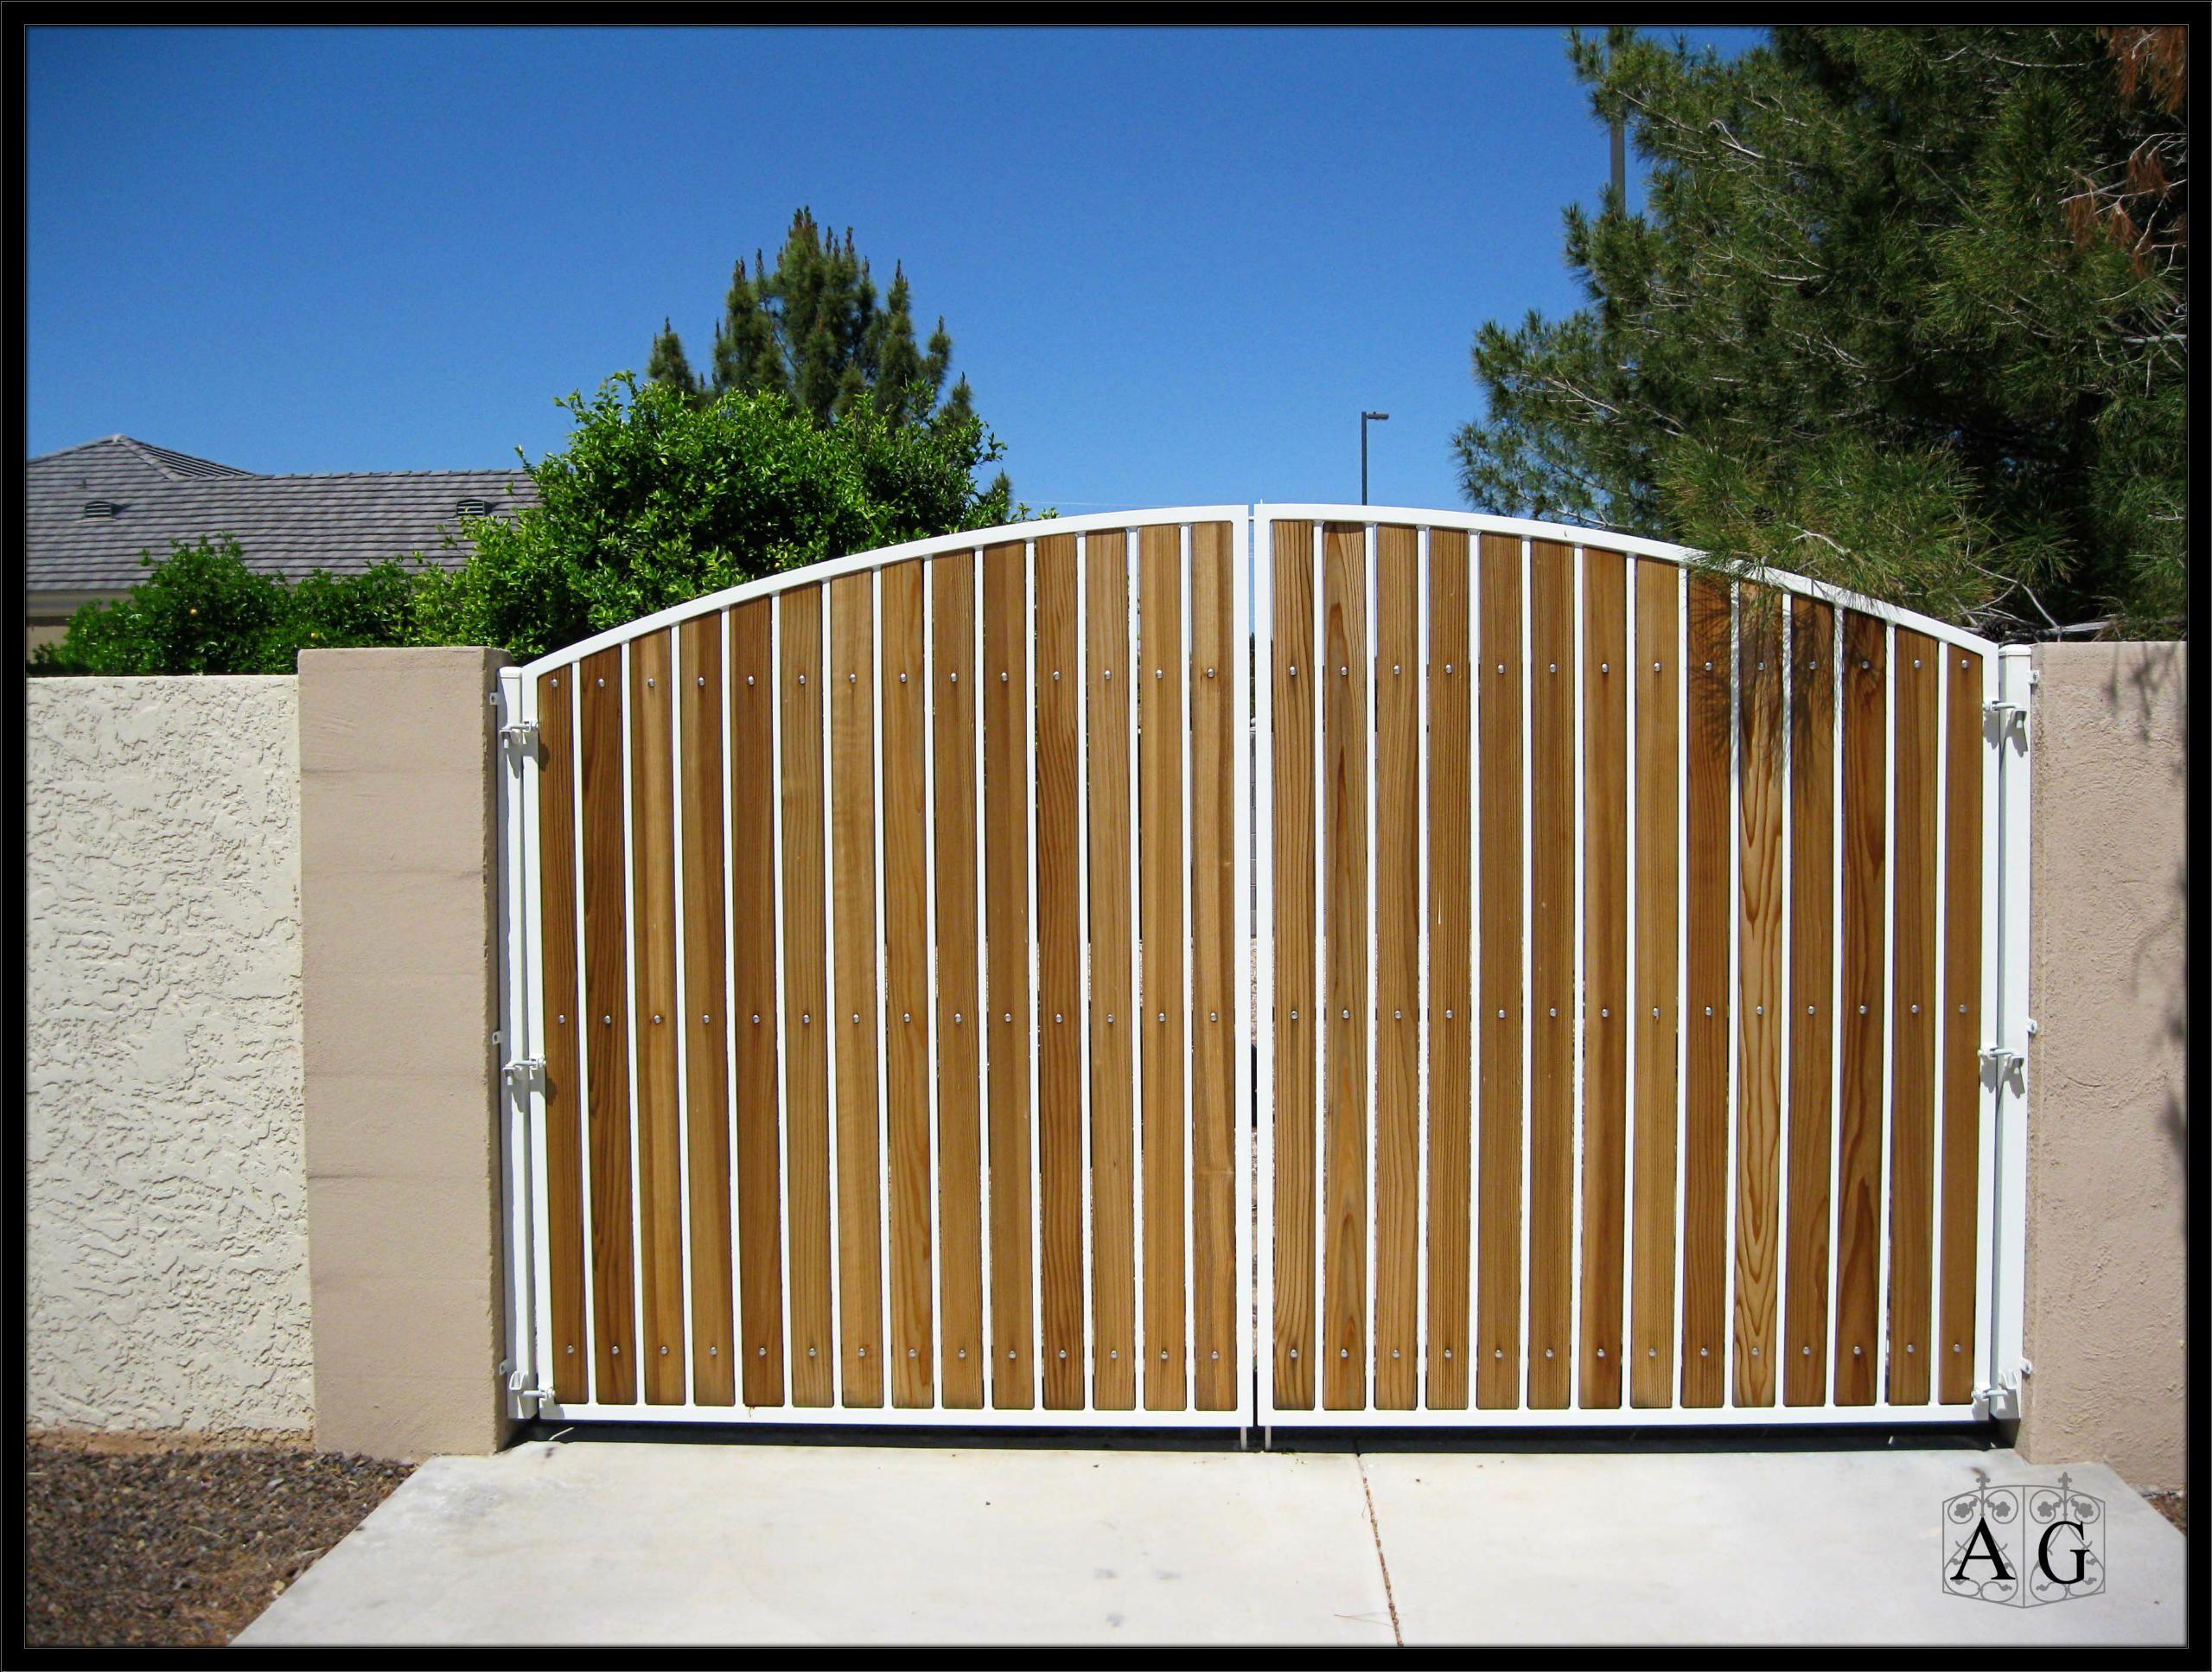 Haus design eingangstor pin von ina puscas auf exterior  pinterest